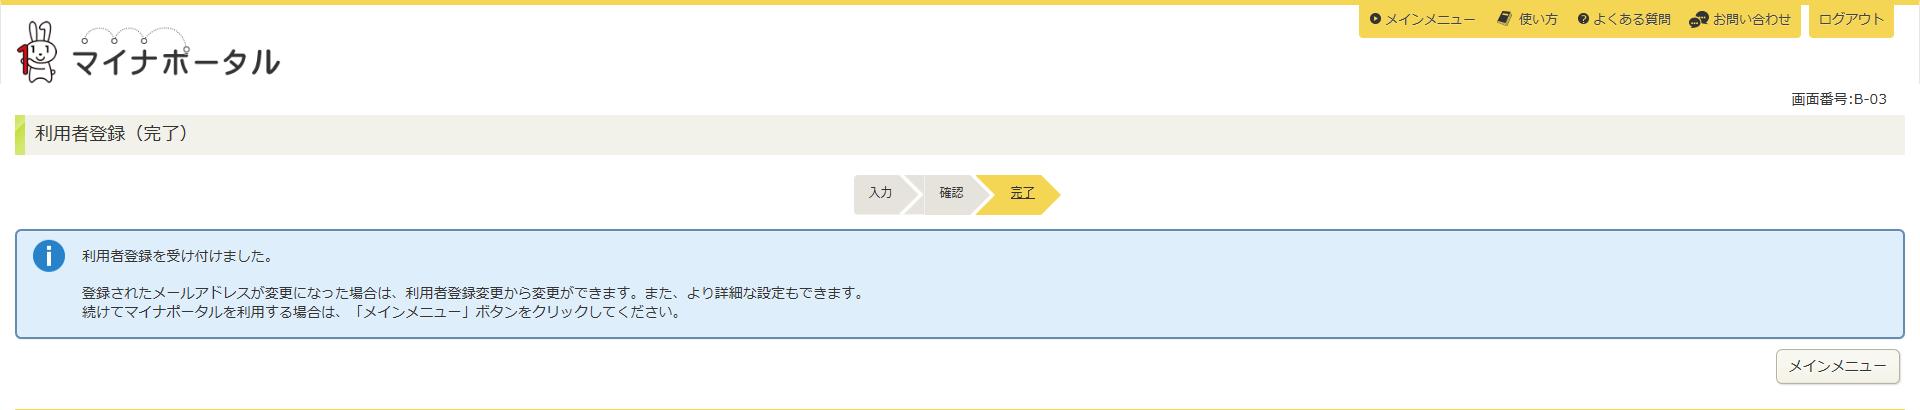 利用者登録(完了)